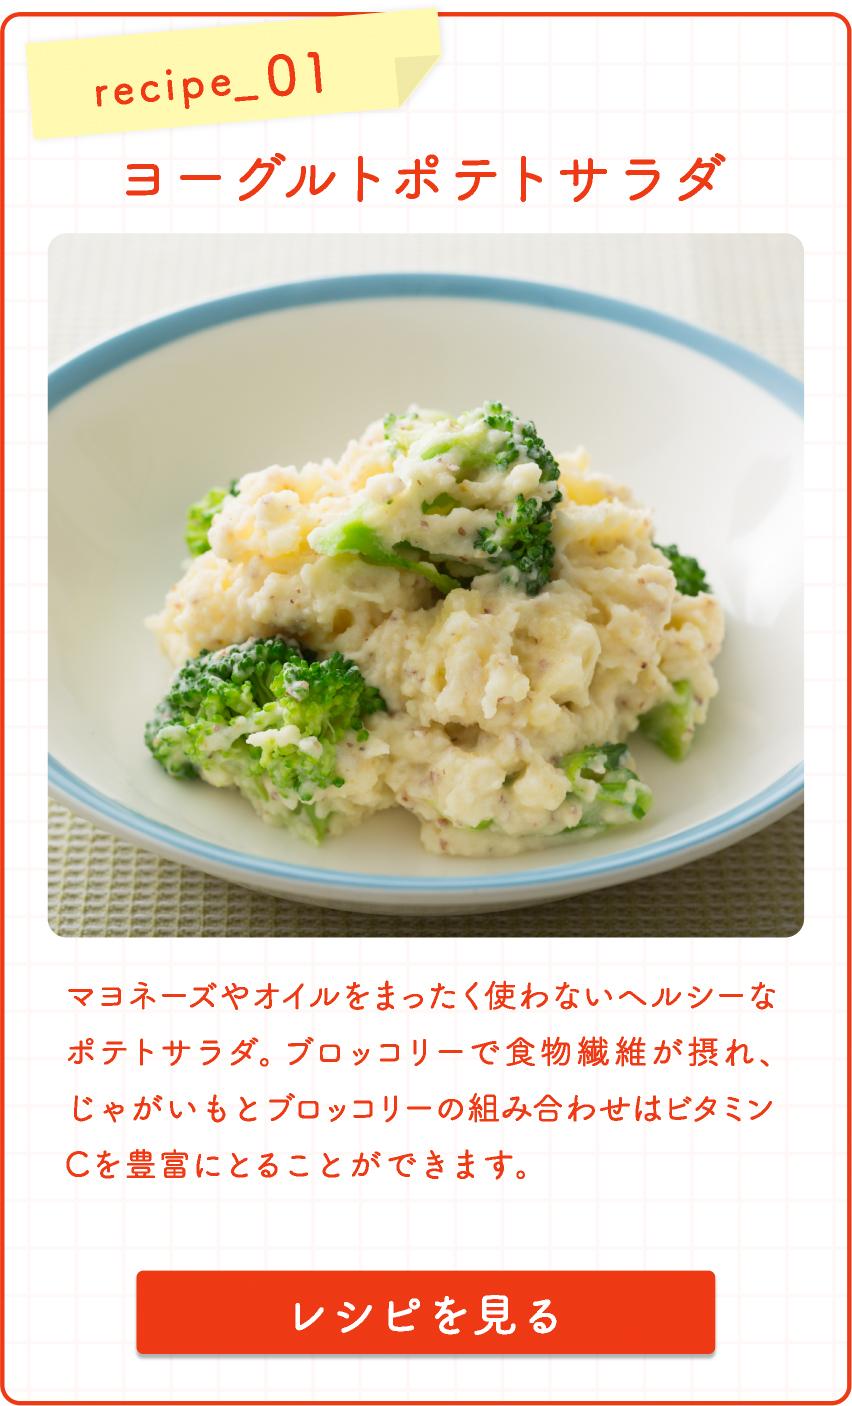 recipe_ 01 ヨーグルトポテトサラダ  マヨネーズやオイルをまったく使わないヘル シーなポテトサラダ。ブロッコリーで食物繊維 が摂れ、じゃがいもとブロッコリーの組み合わせはビタミンCを豊富にとることができます。